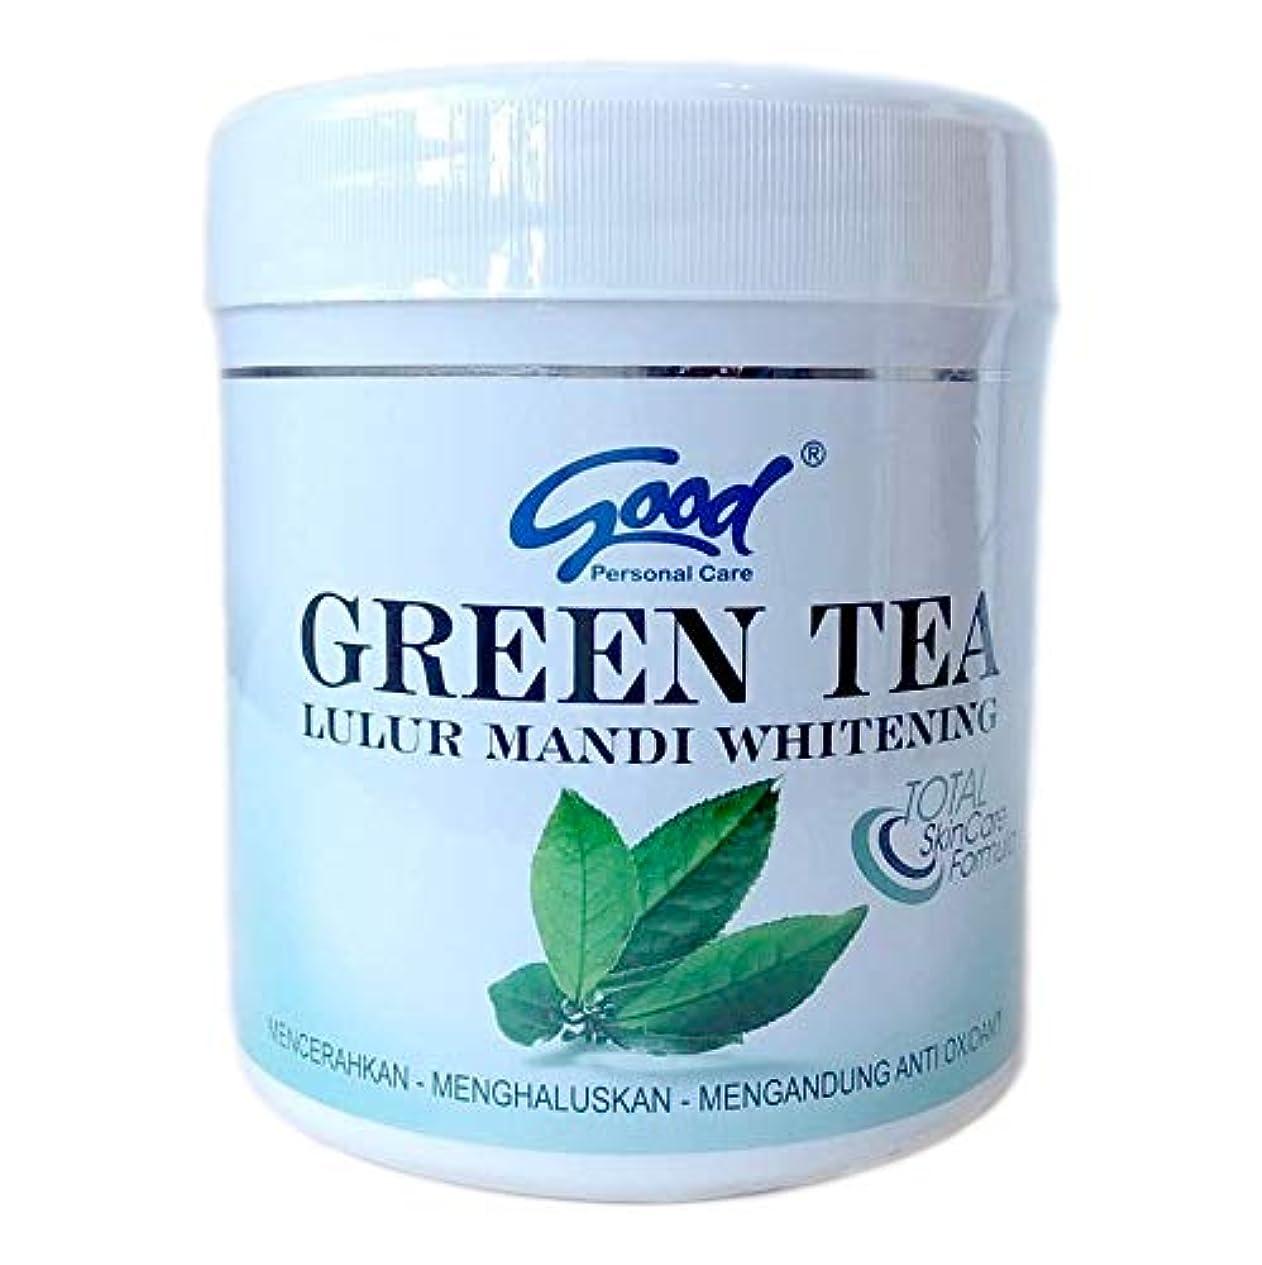 good グッド Lulur Mandi Whitening ルルール マンディ ホワイトニング GREEN TEA グリーンティー 1kg / マンディルルール ボディピーリング ボディトリートメント [海外直送品]